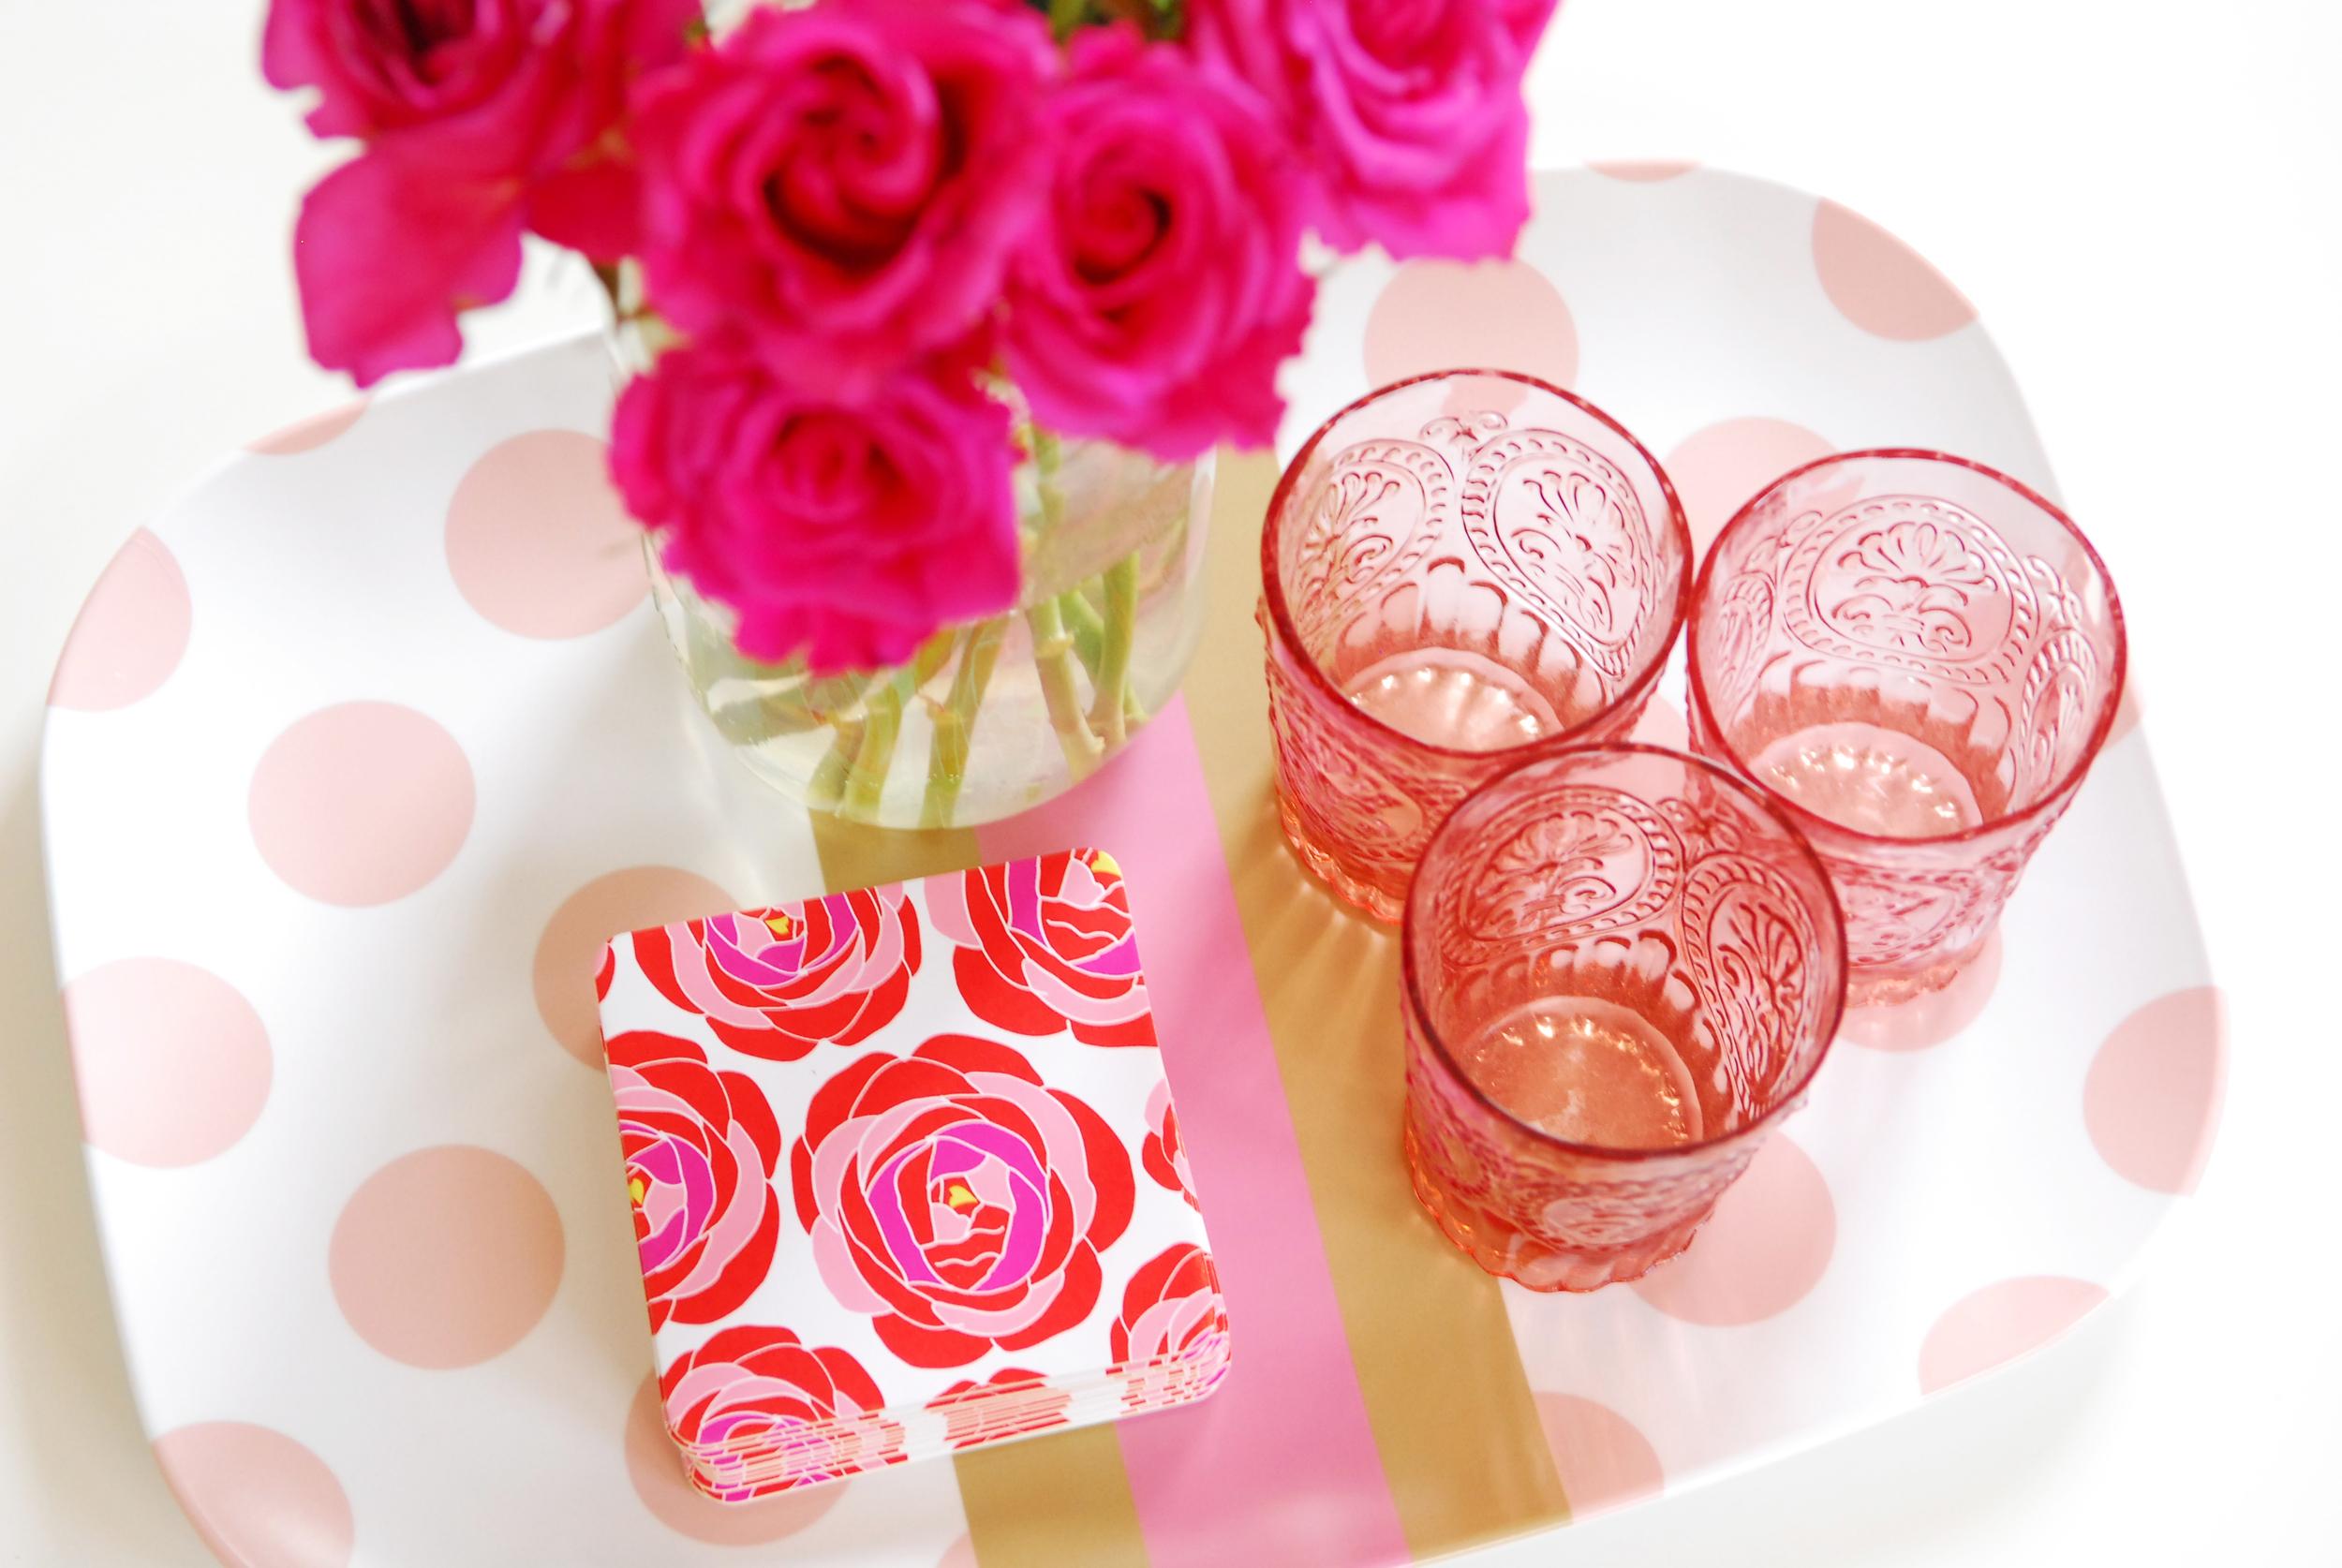 Pretty Smitten Coasters via Delighted Magazine